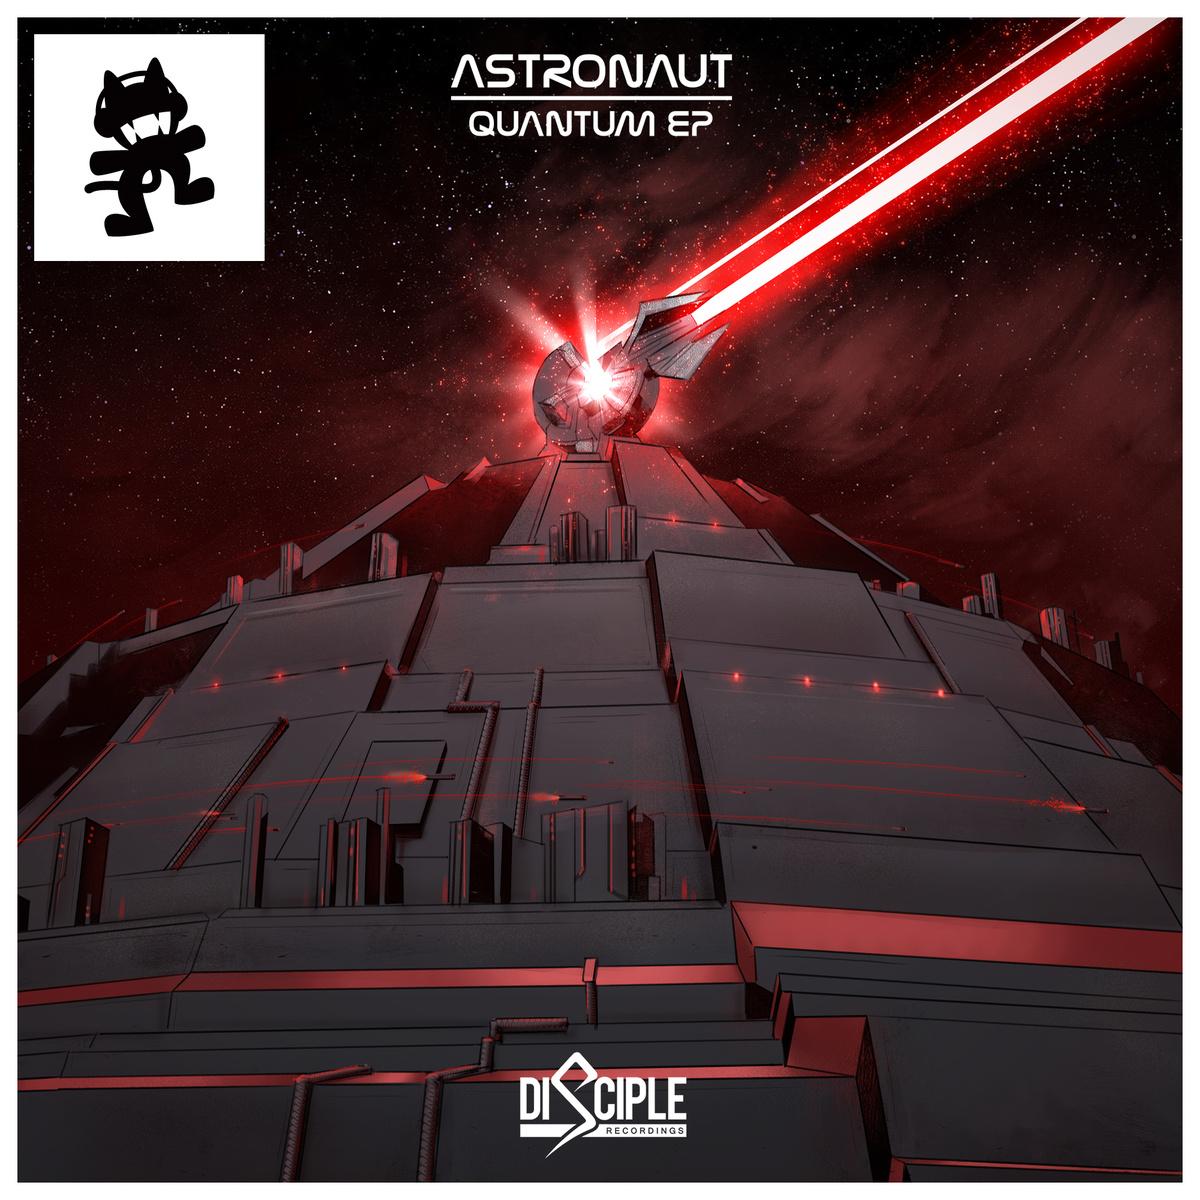 """Astronaut """"Quantum EP"""" [Monstercat & Disciple Recordings ..."""